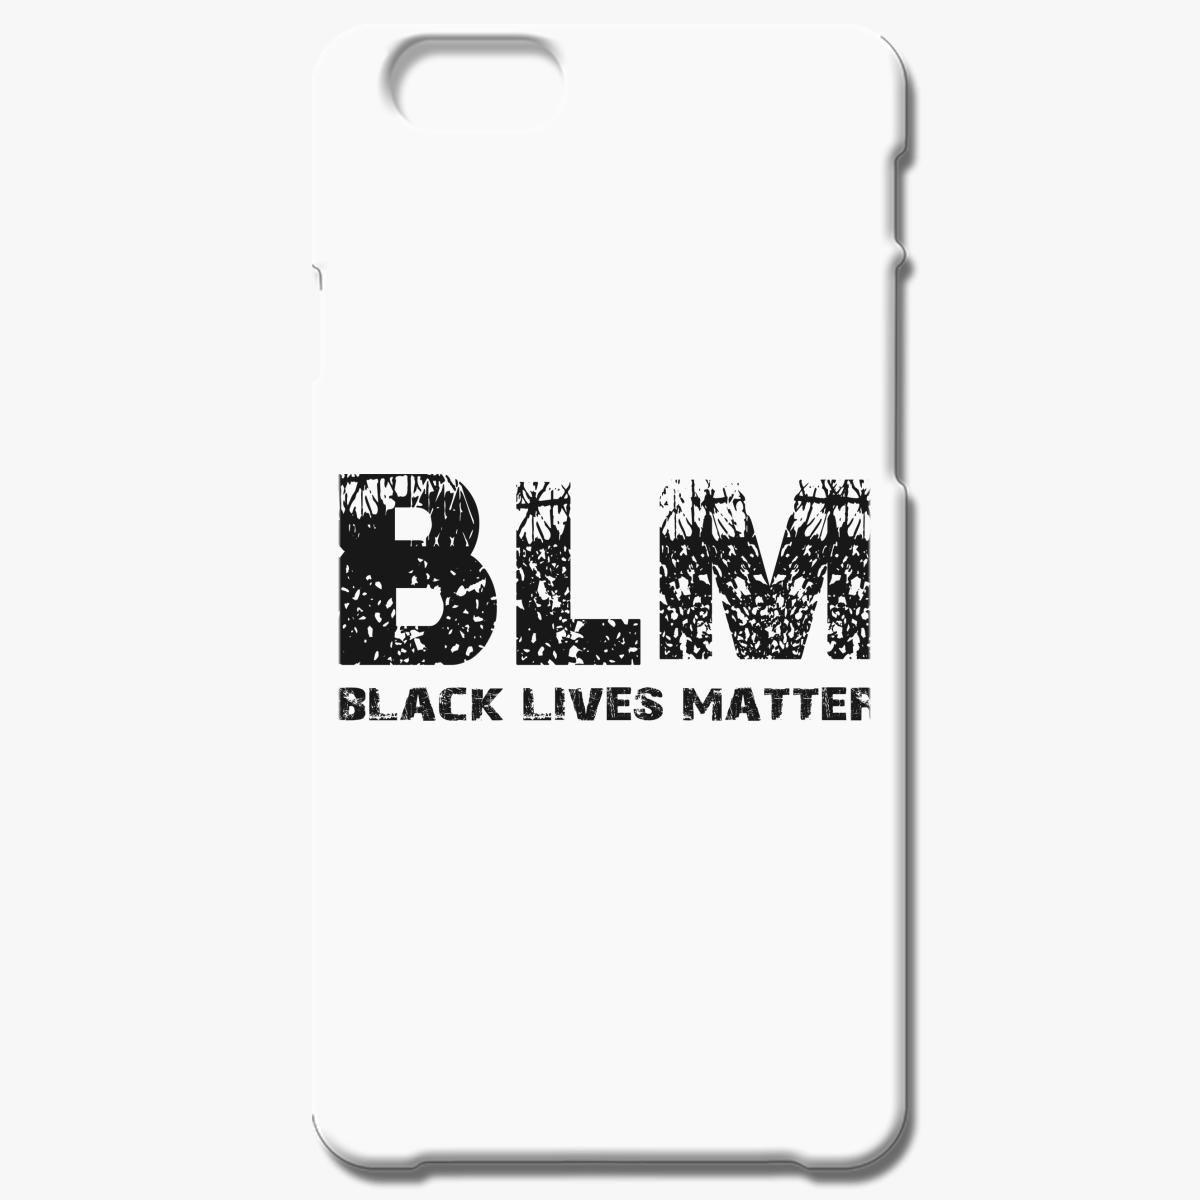 Blm Black Lives Matter Iphone 6 6s Plus Case